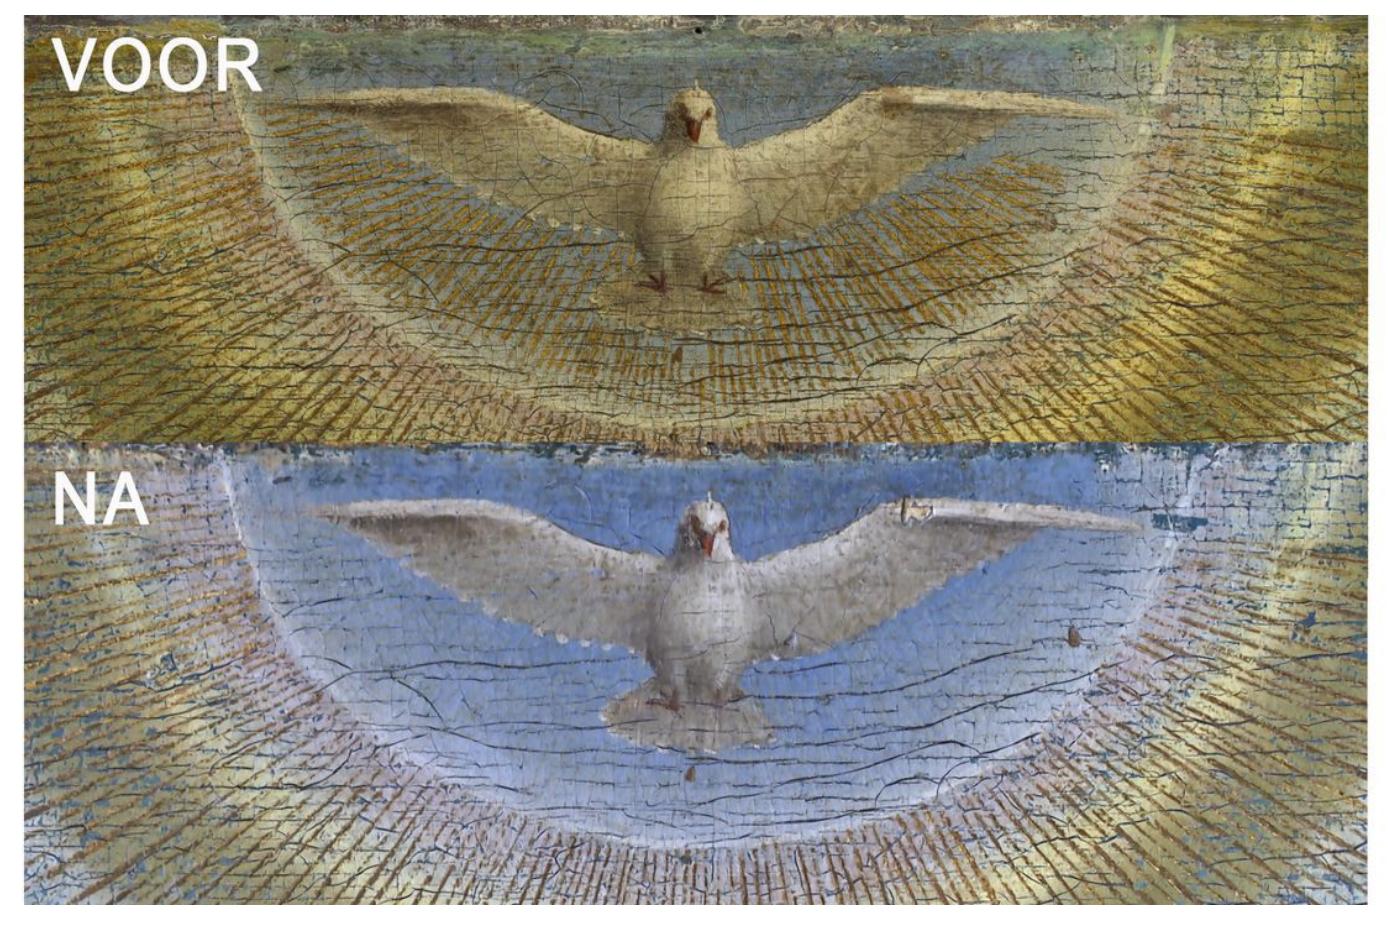 De duif komt nu veel beter tot zijn recht. © Website vrtnws